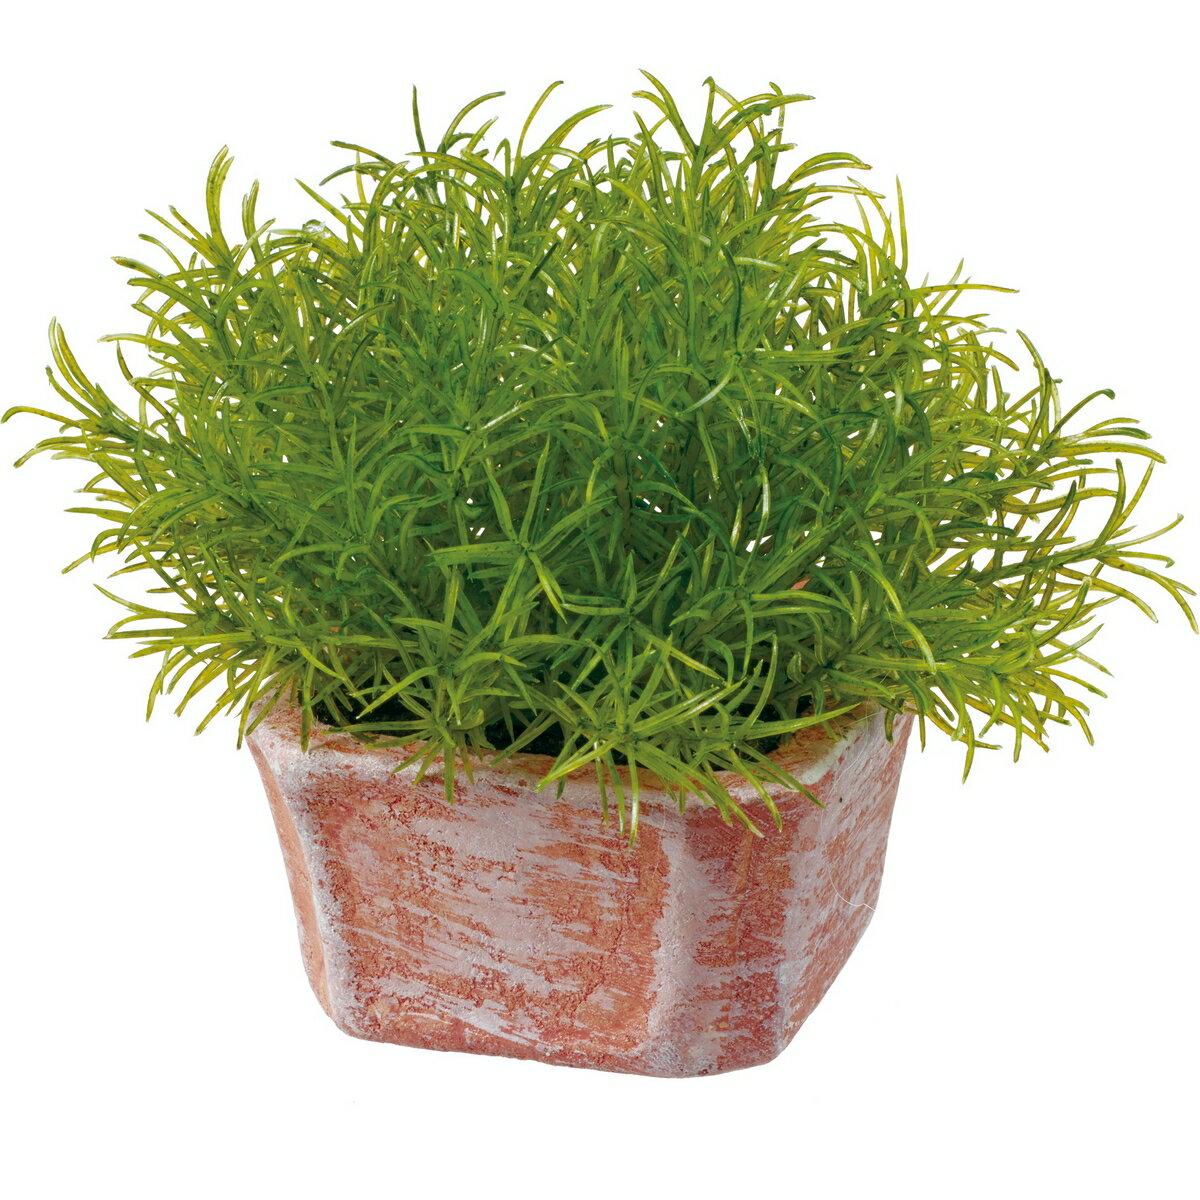 特価◎【造花】YDM/グリーントリュフポット グリーン/GLA1380-GR【01】【取寄】《 造花(人工観葉植物) 人工観葉植物「か行」 カジュアルポット 》